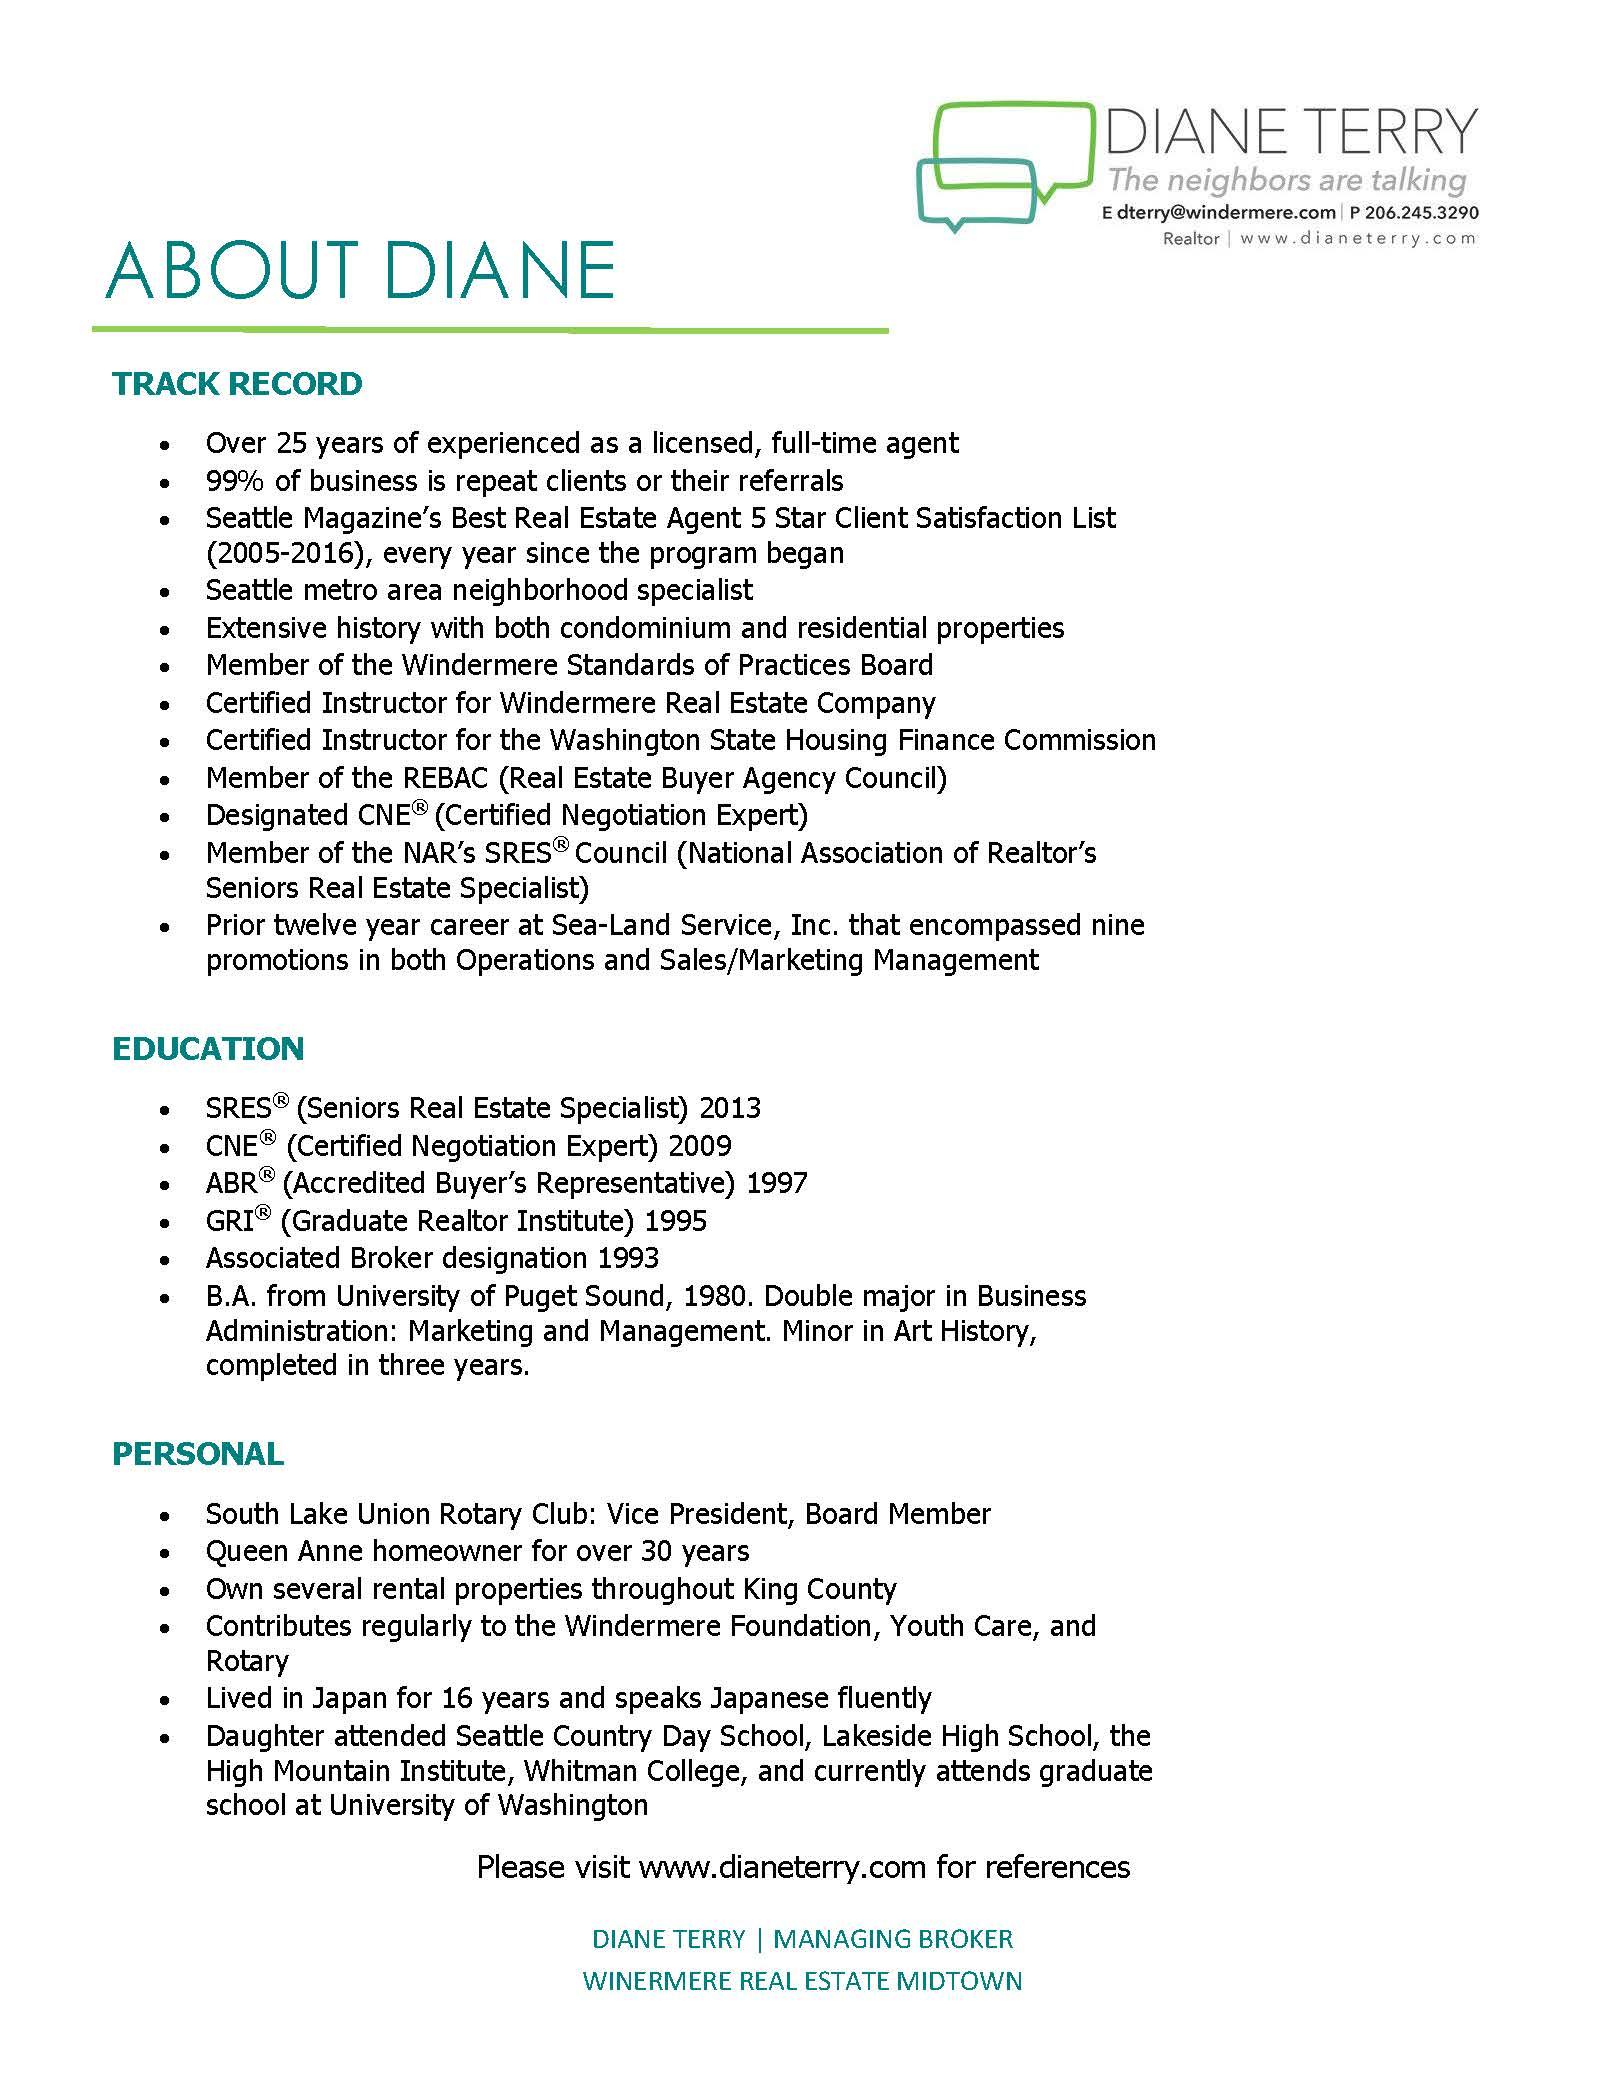 Diane Terry Resume